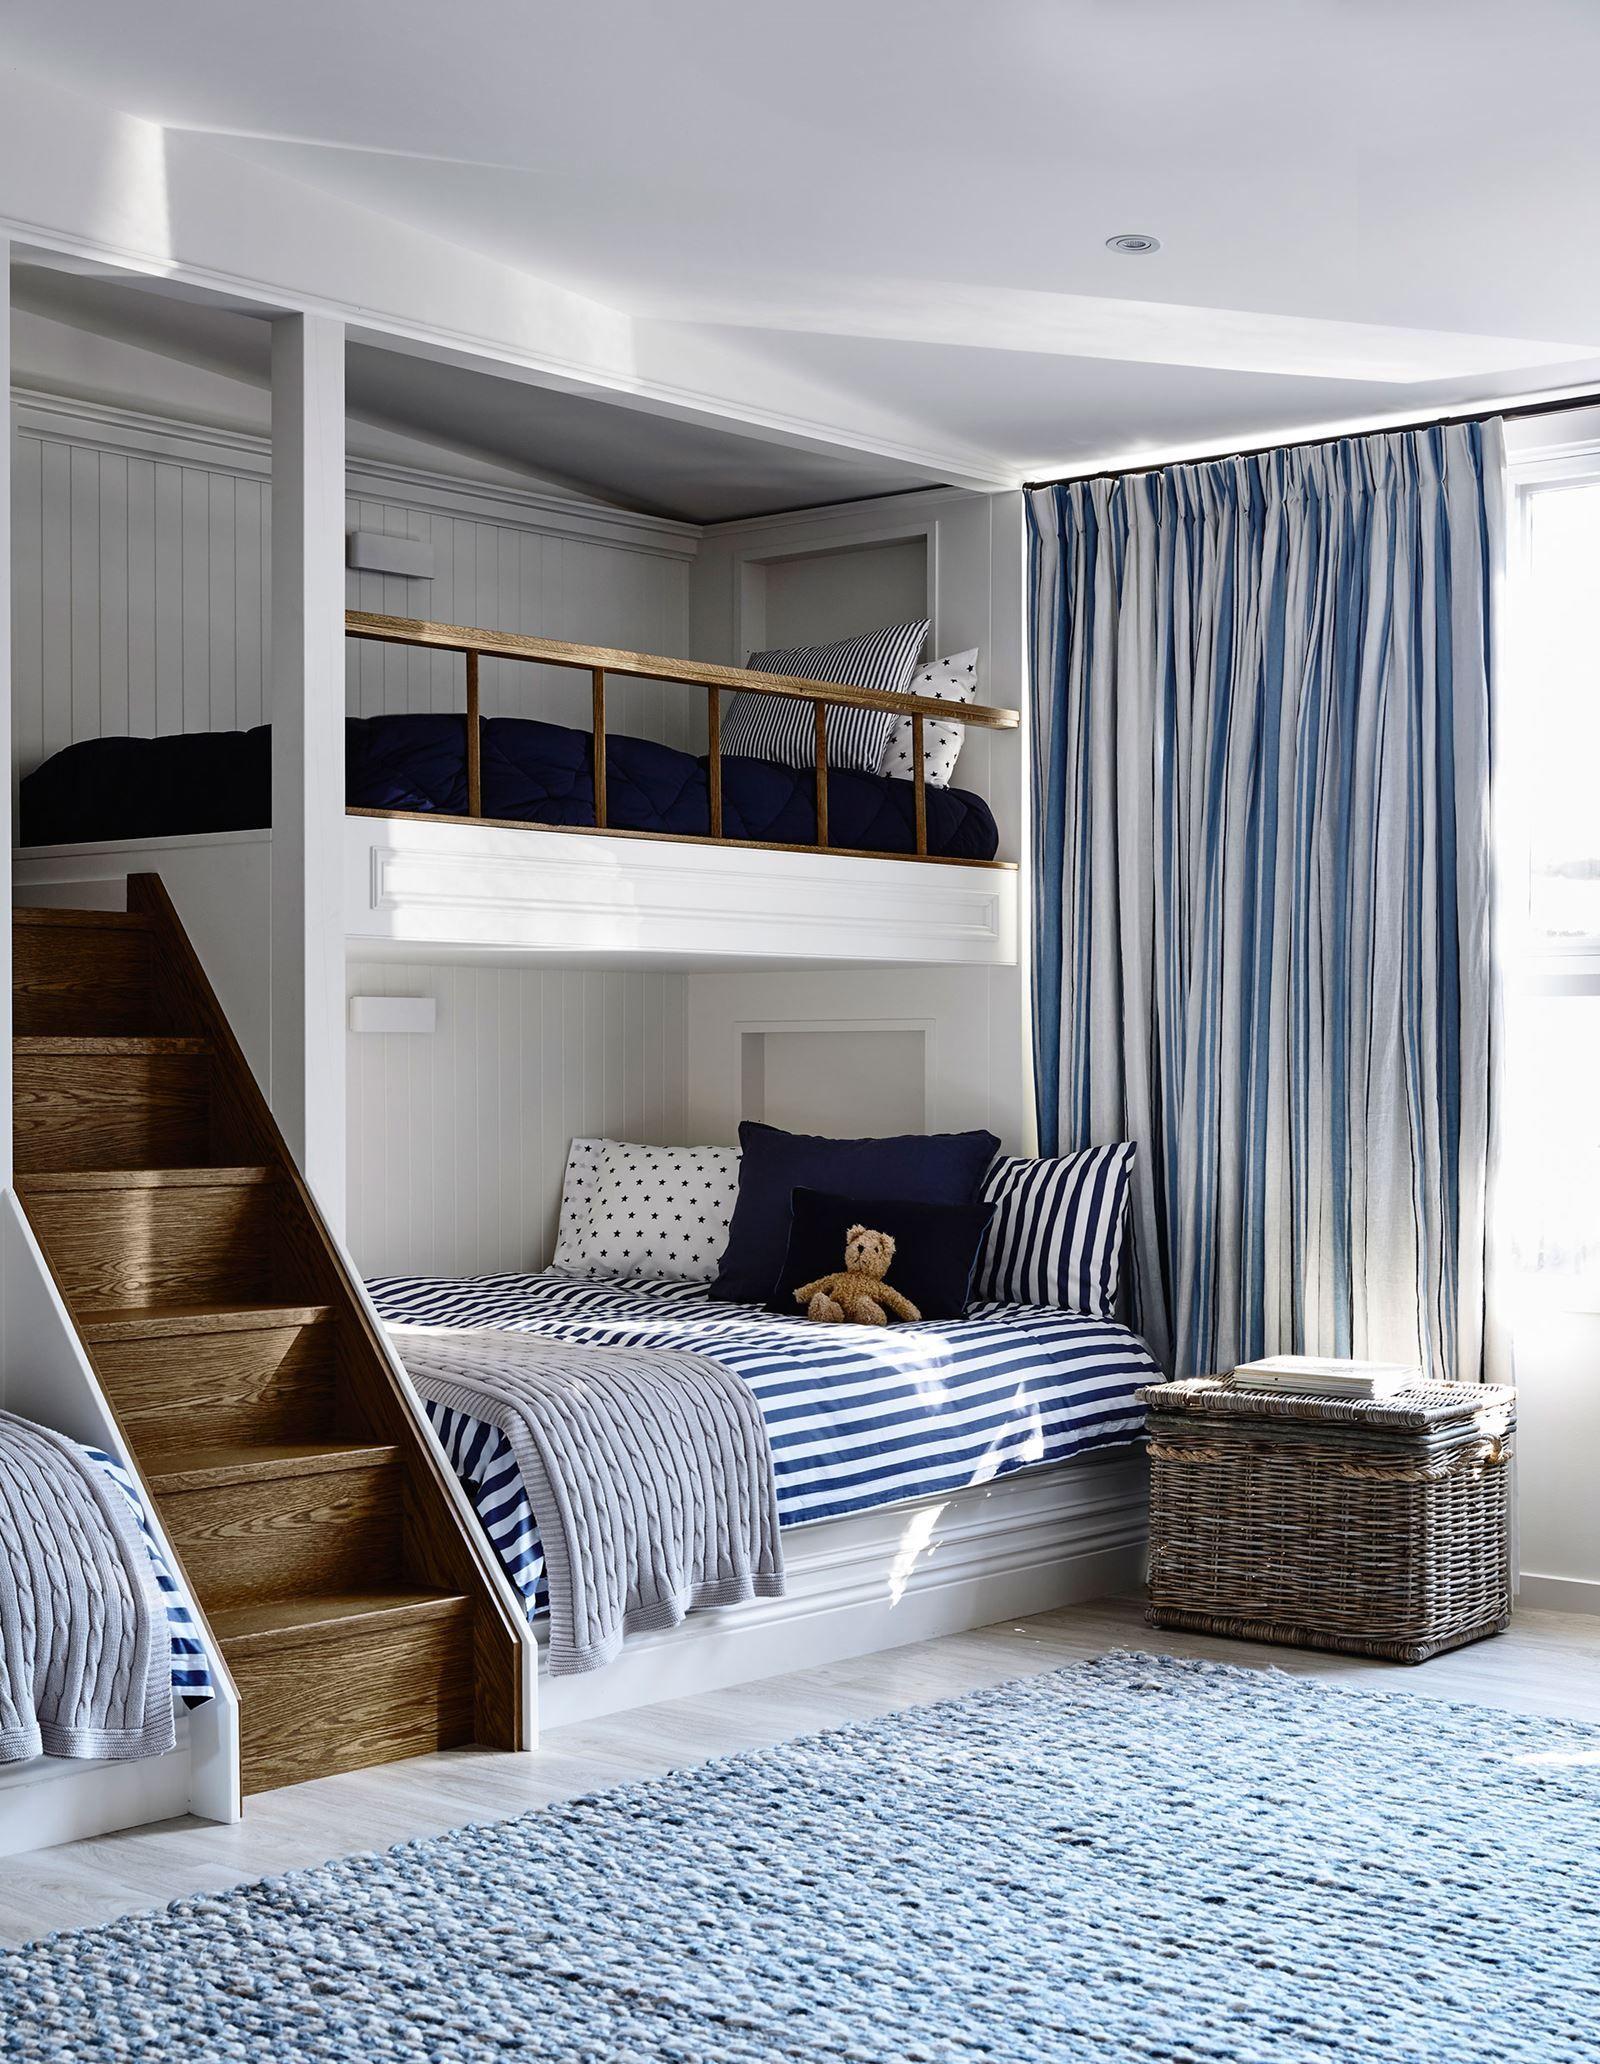 Kids Bedroom Mezzanine una litera de estilo marinero para un dormitorio infantil. | 臥室